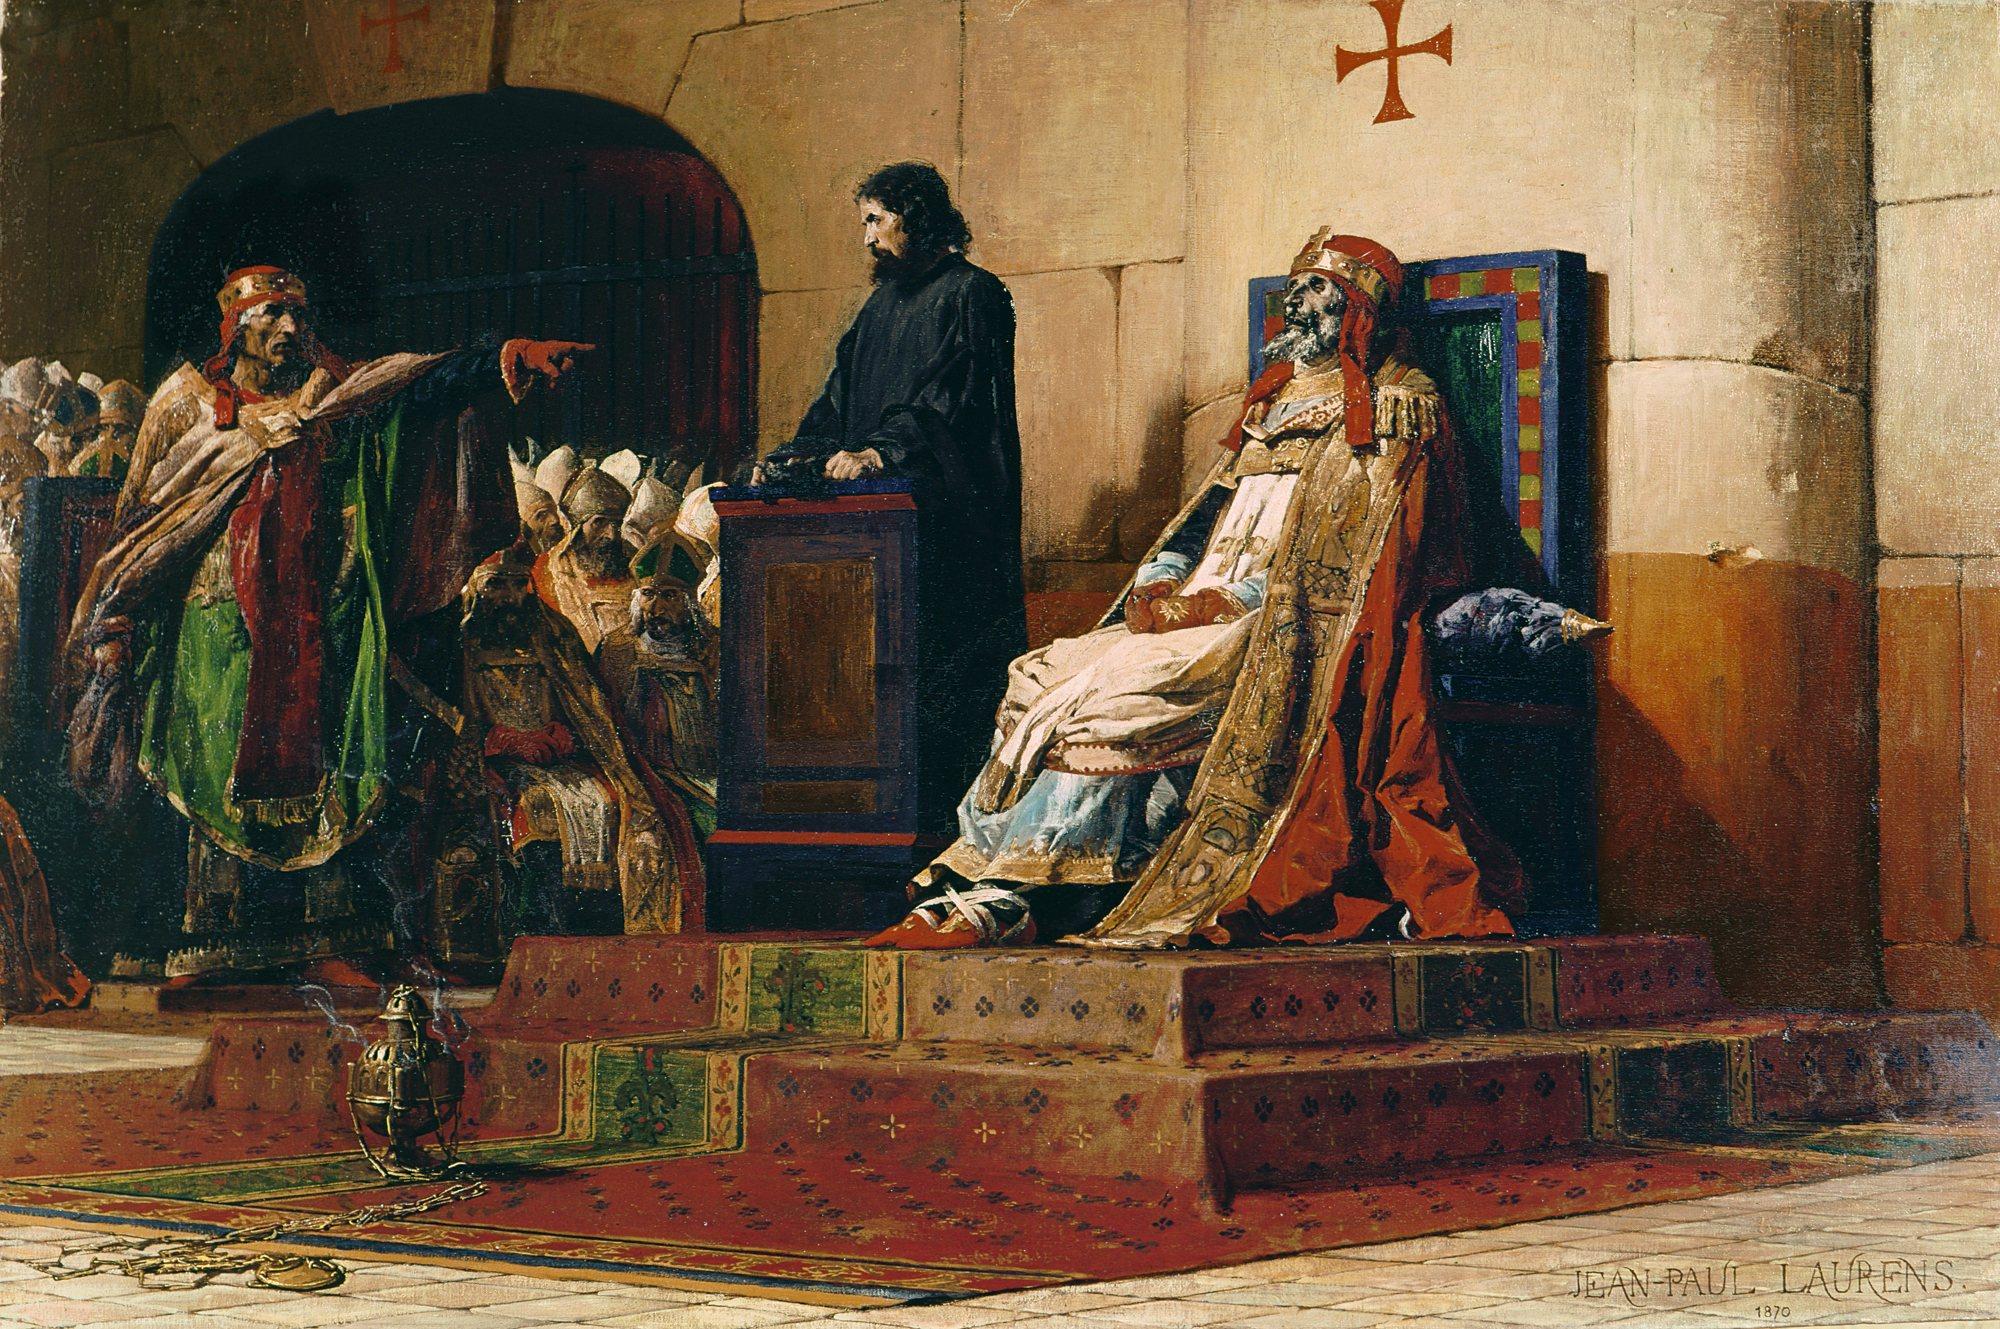 Tableau de JP Laurens : Le pape Formose et Étienne VI